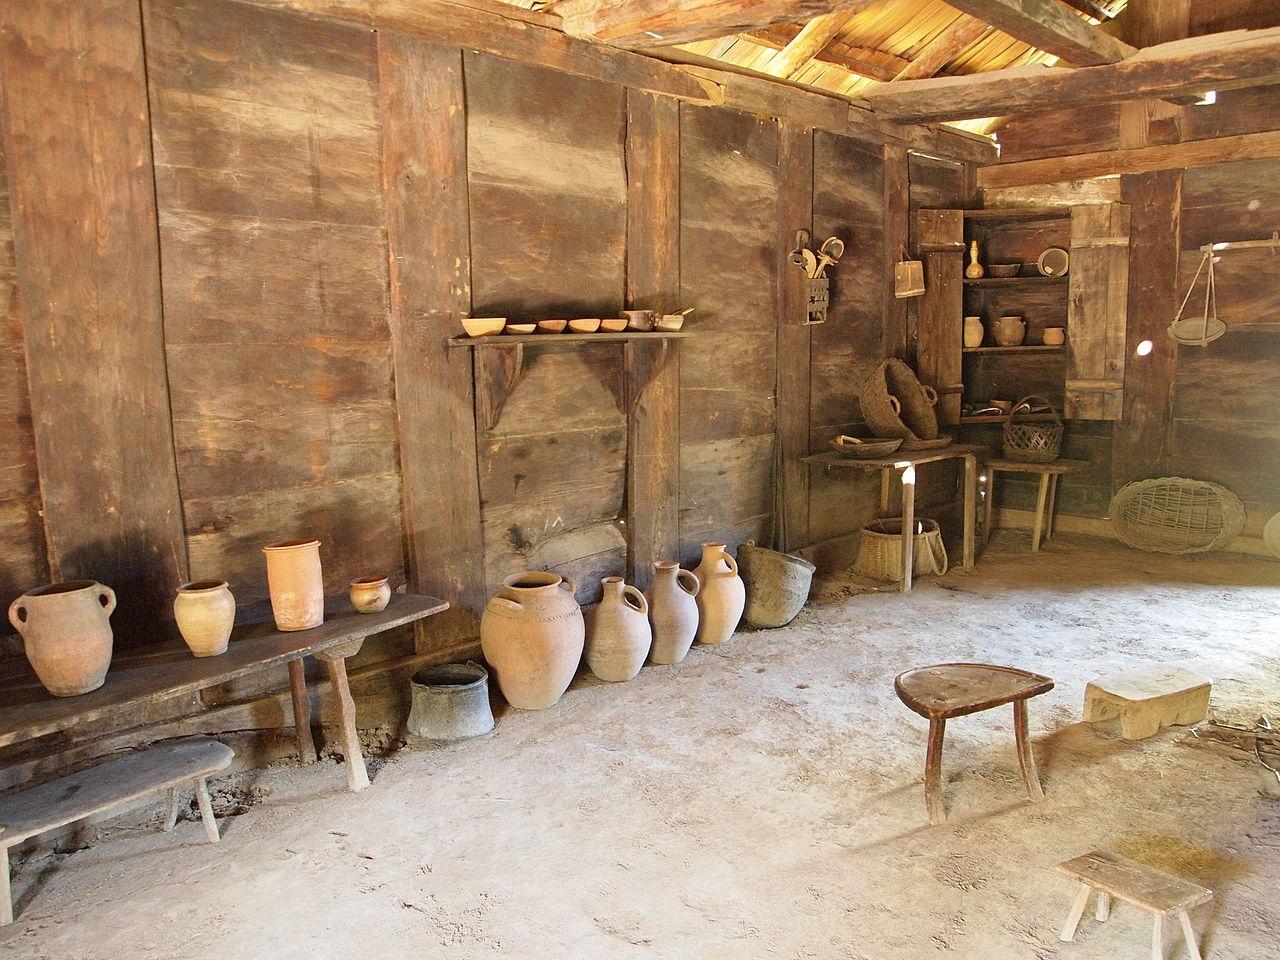 Тбилисский этнографический музей, традиционная утварь